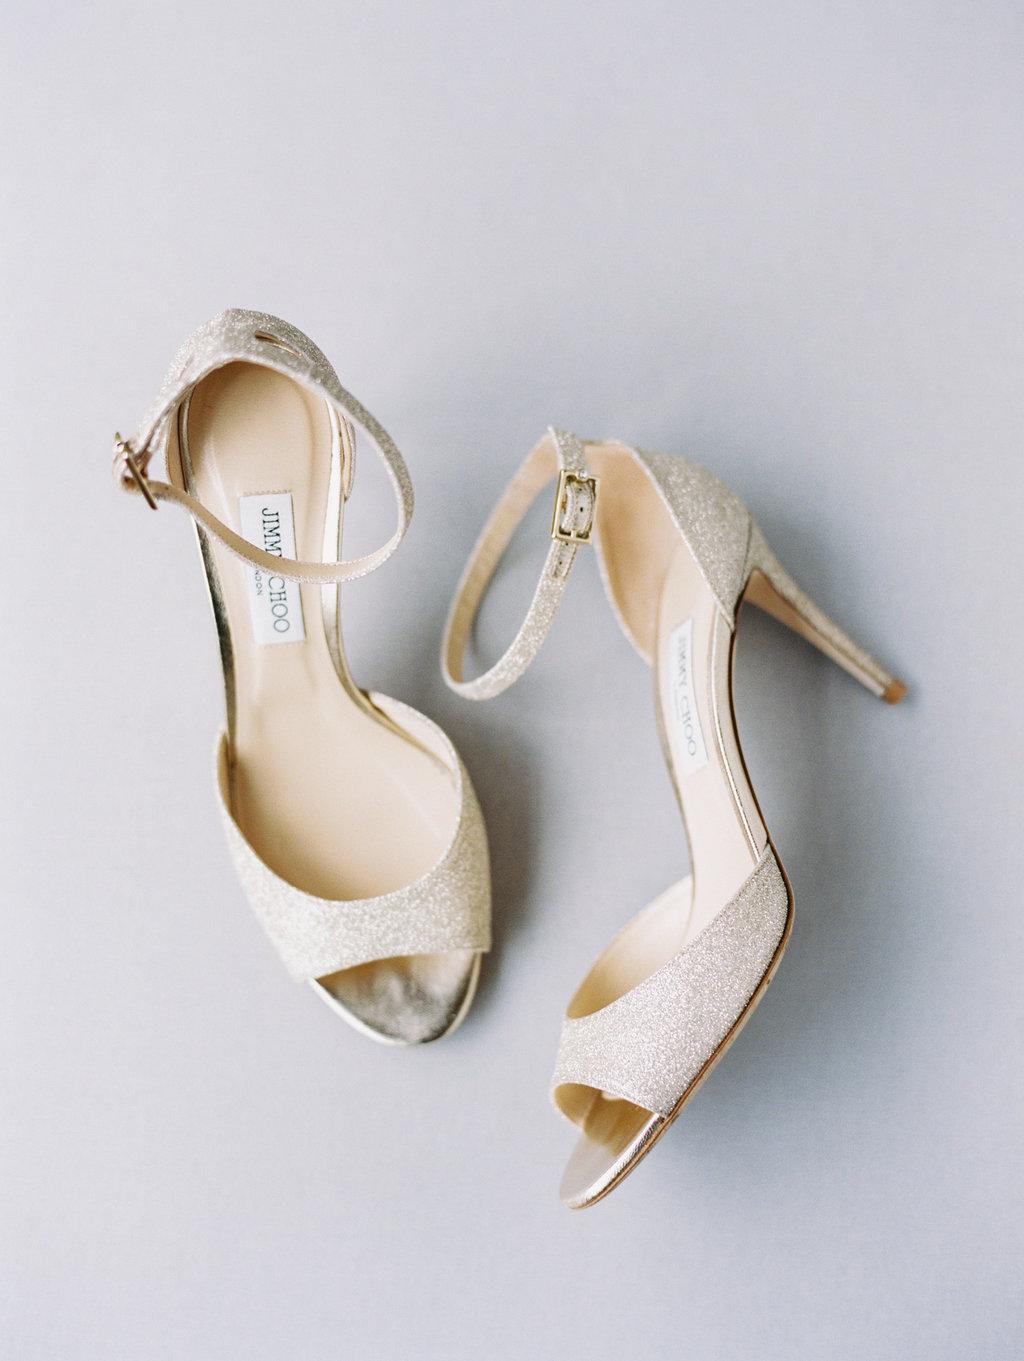 Caroline_Events_Dallas_Wedding_Planner_Marie_Gabrielle_Harwood_Wedding3.jpg